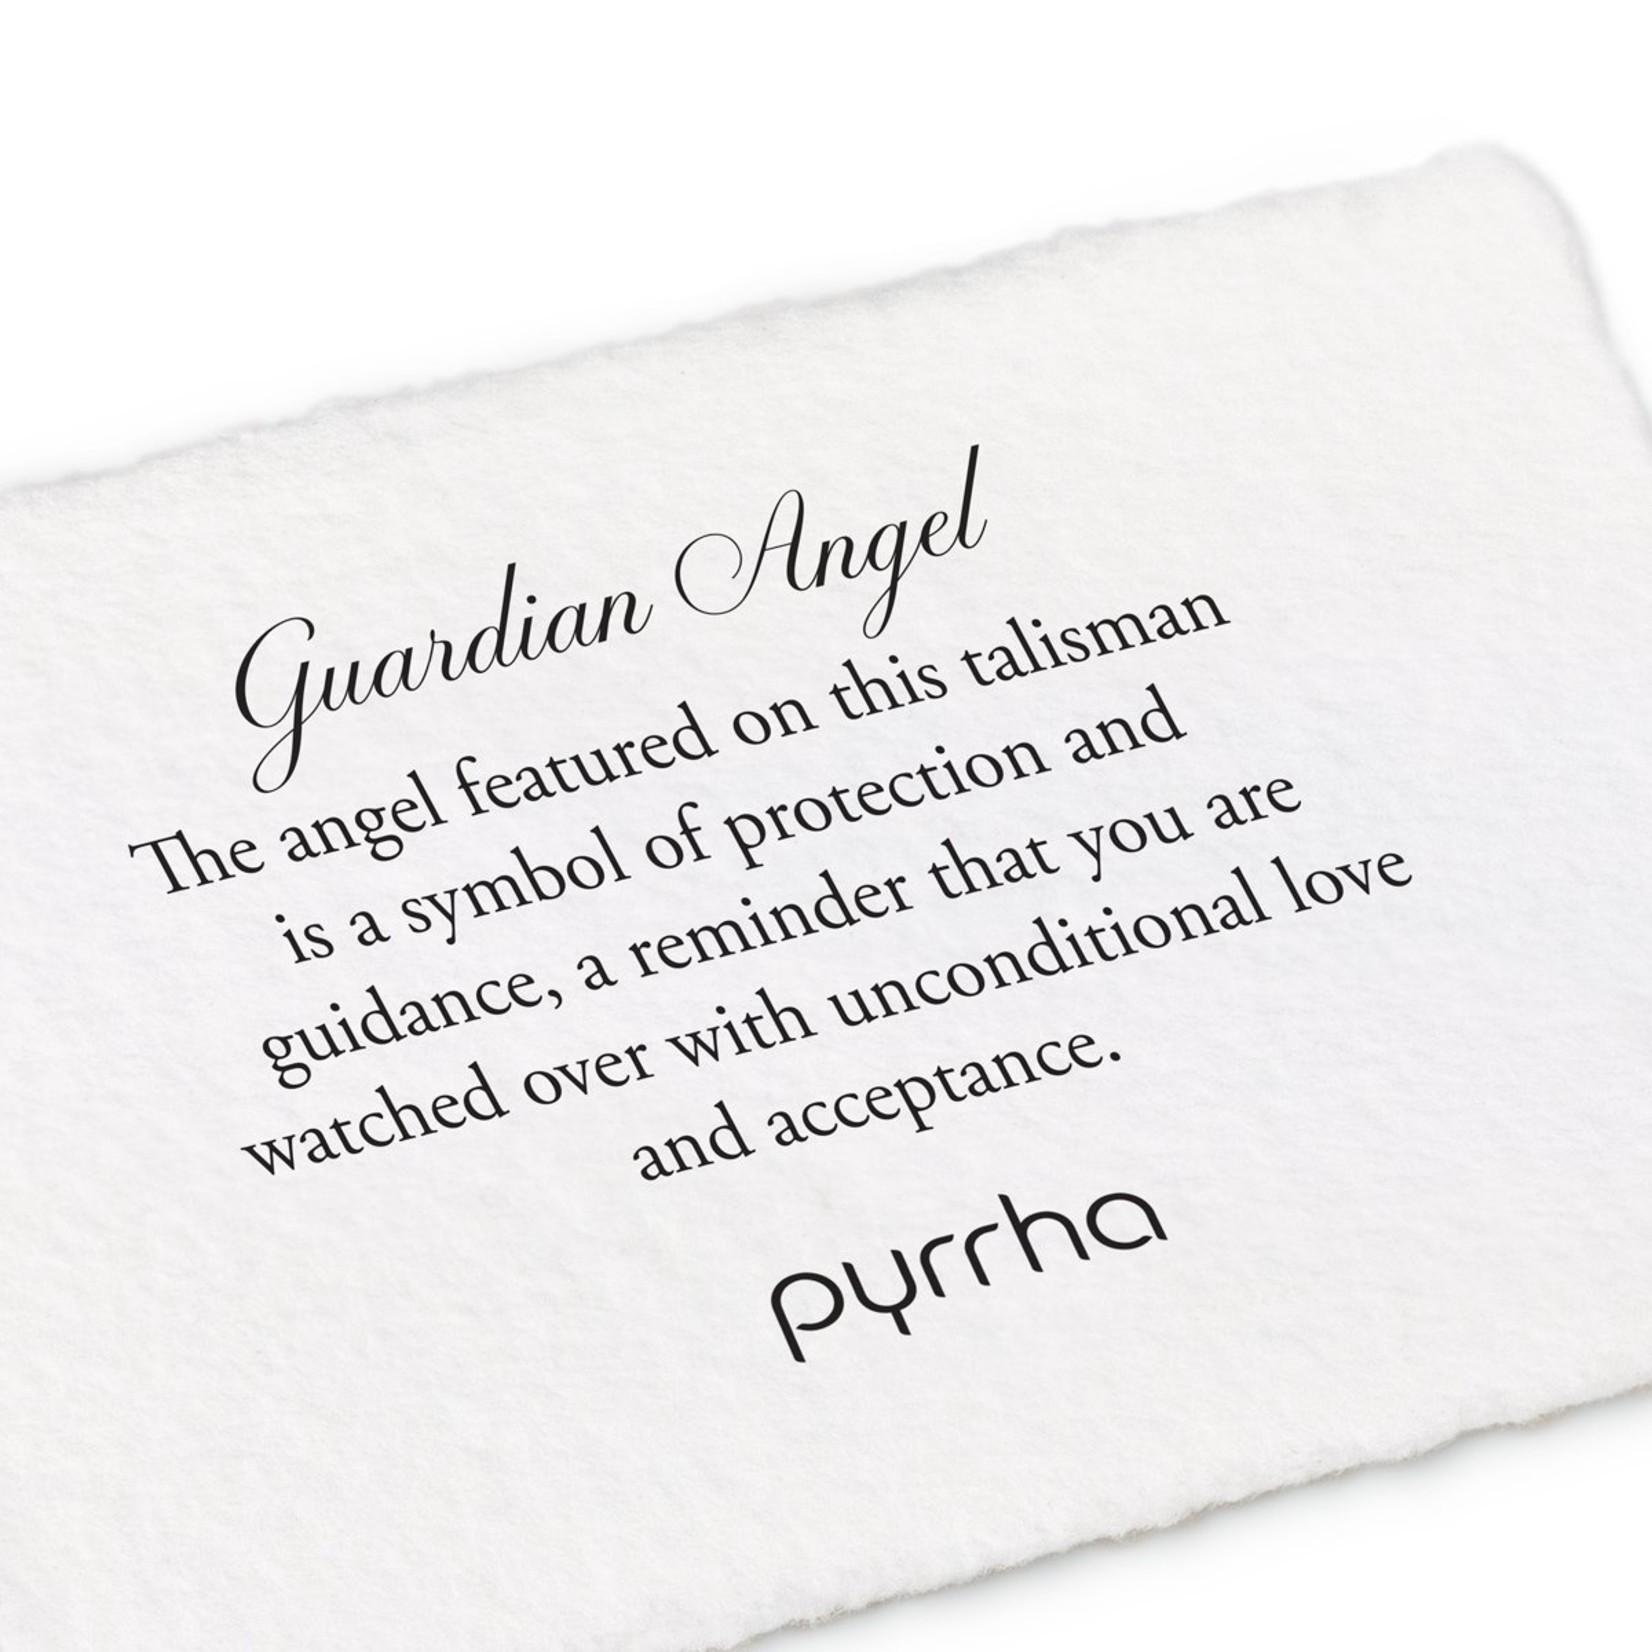 Pyrrha Guardian Angel Locket